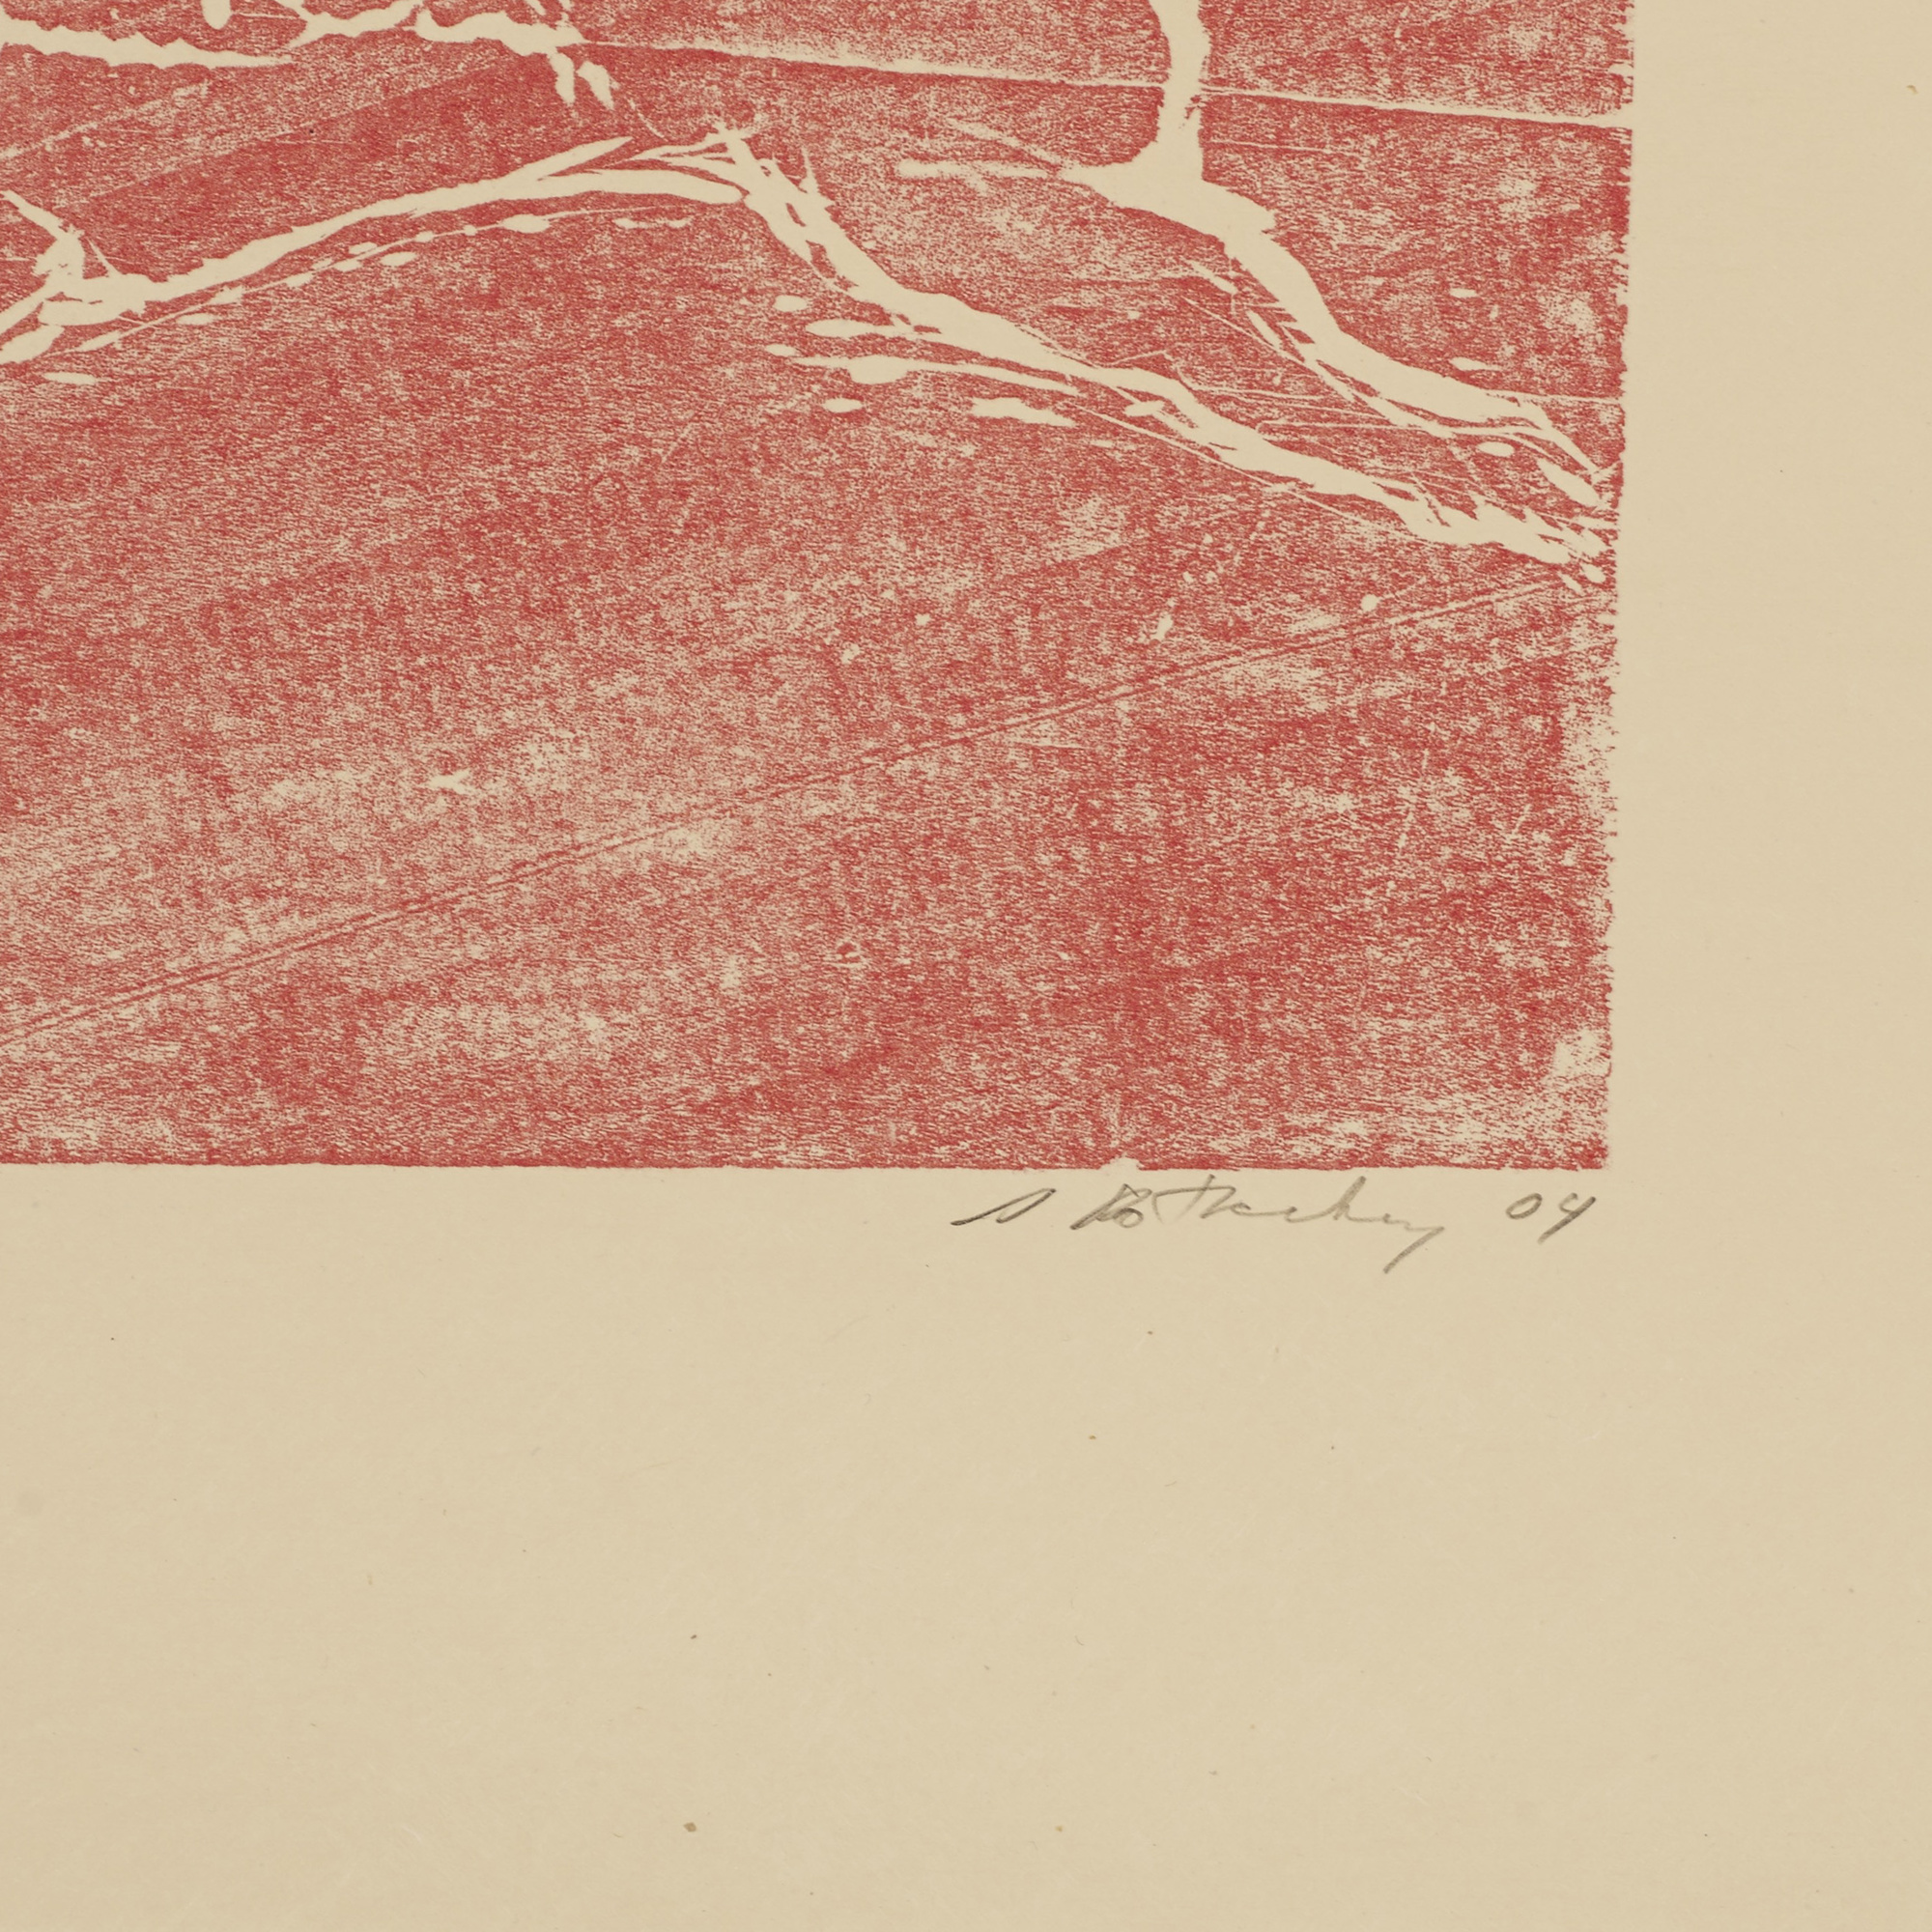 188: Susan Rothenberg / K (2 of 2)